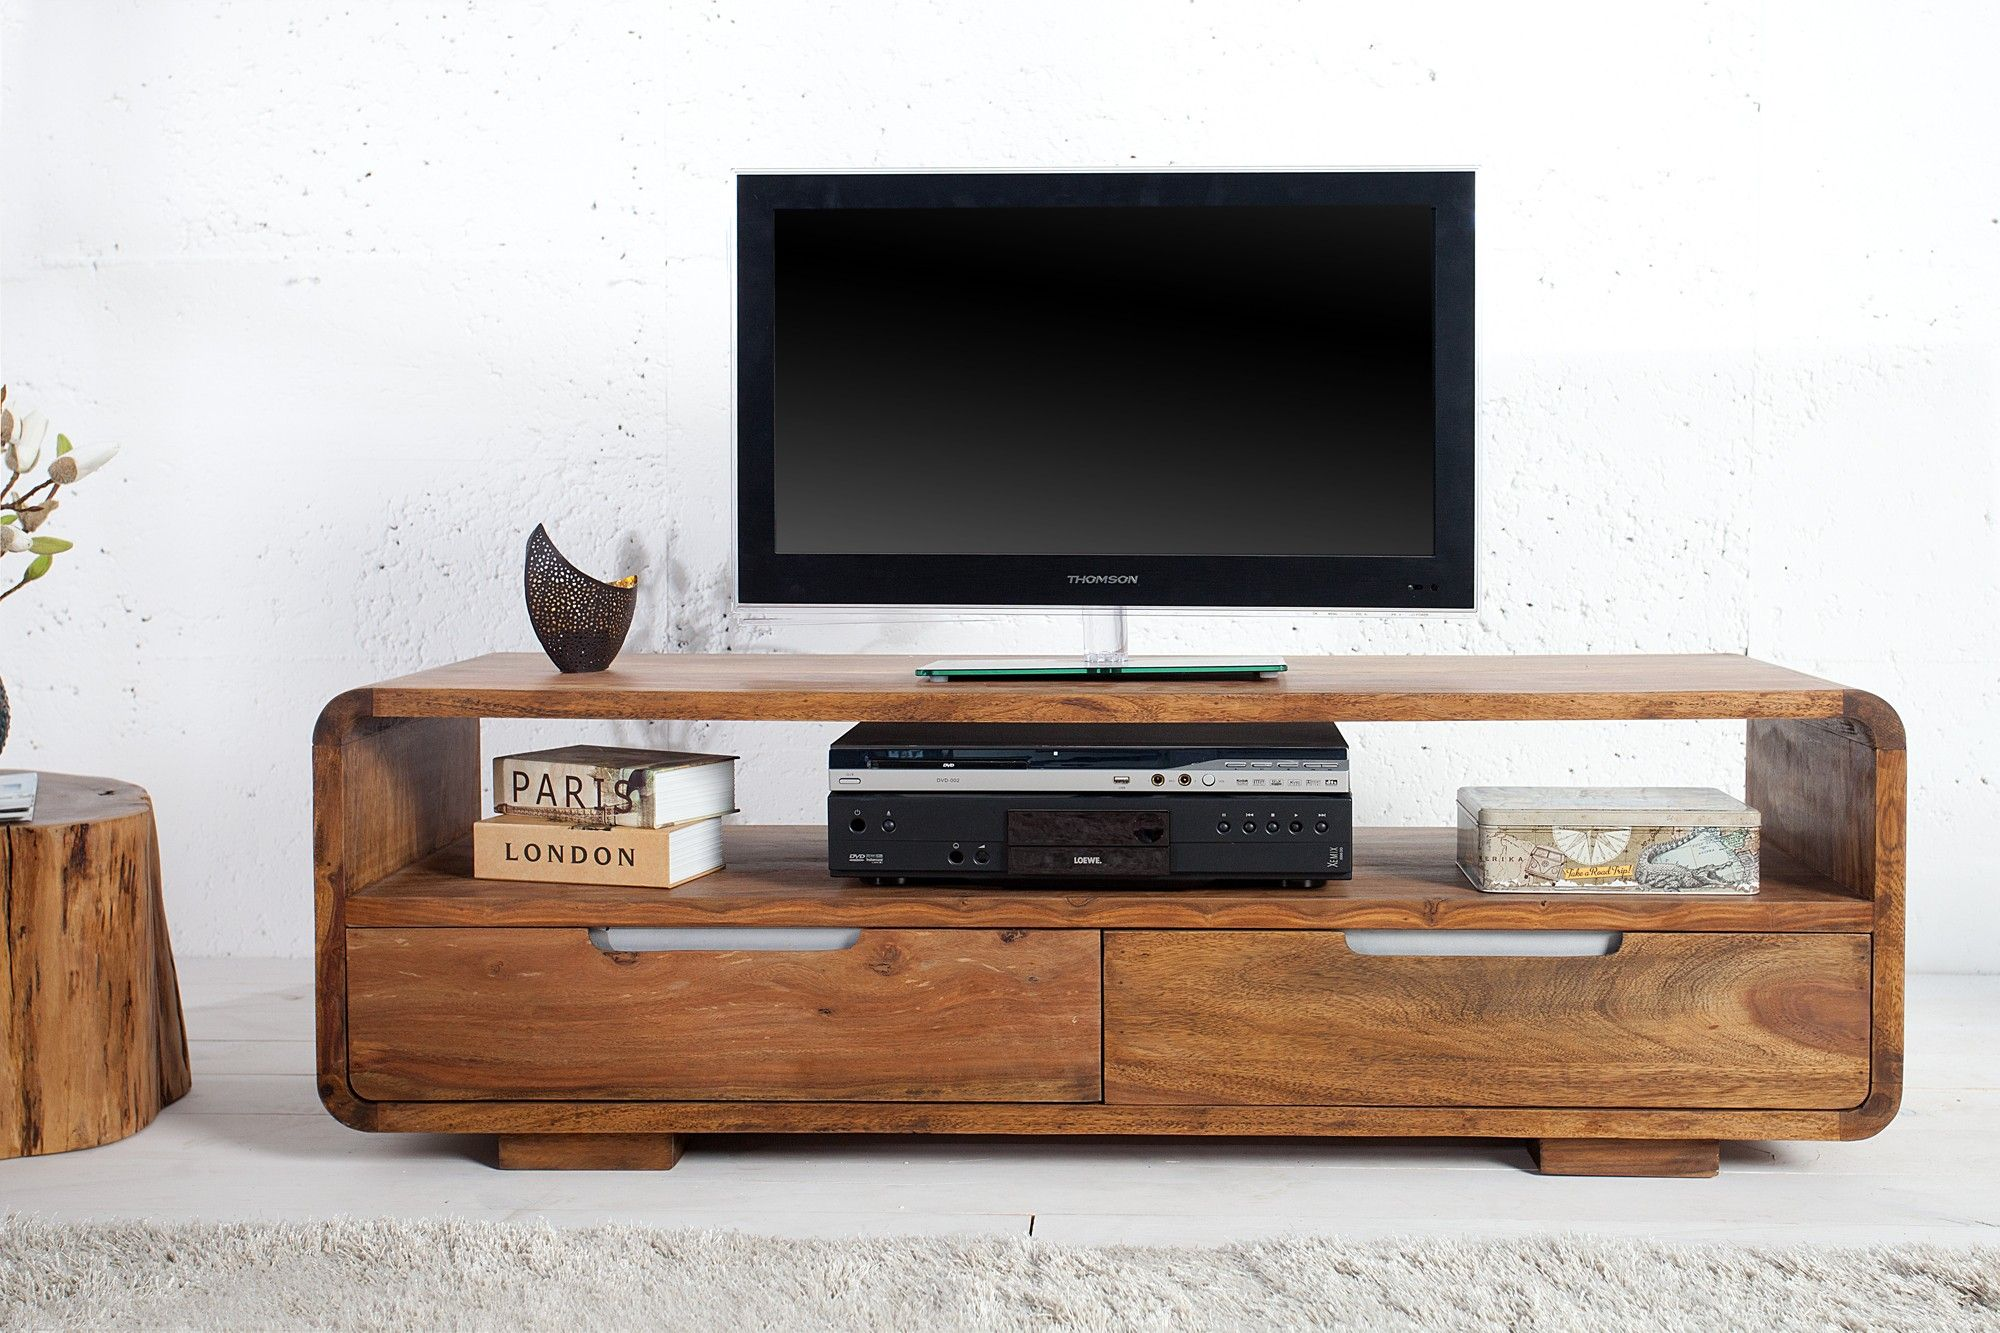 Pingl Par Iyash Panchoo Sur Ip Teak Furniture Pinterest  # Etagere Pour Television En Bois